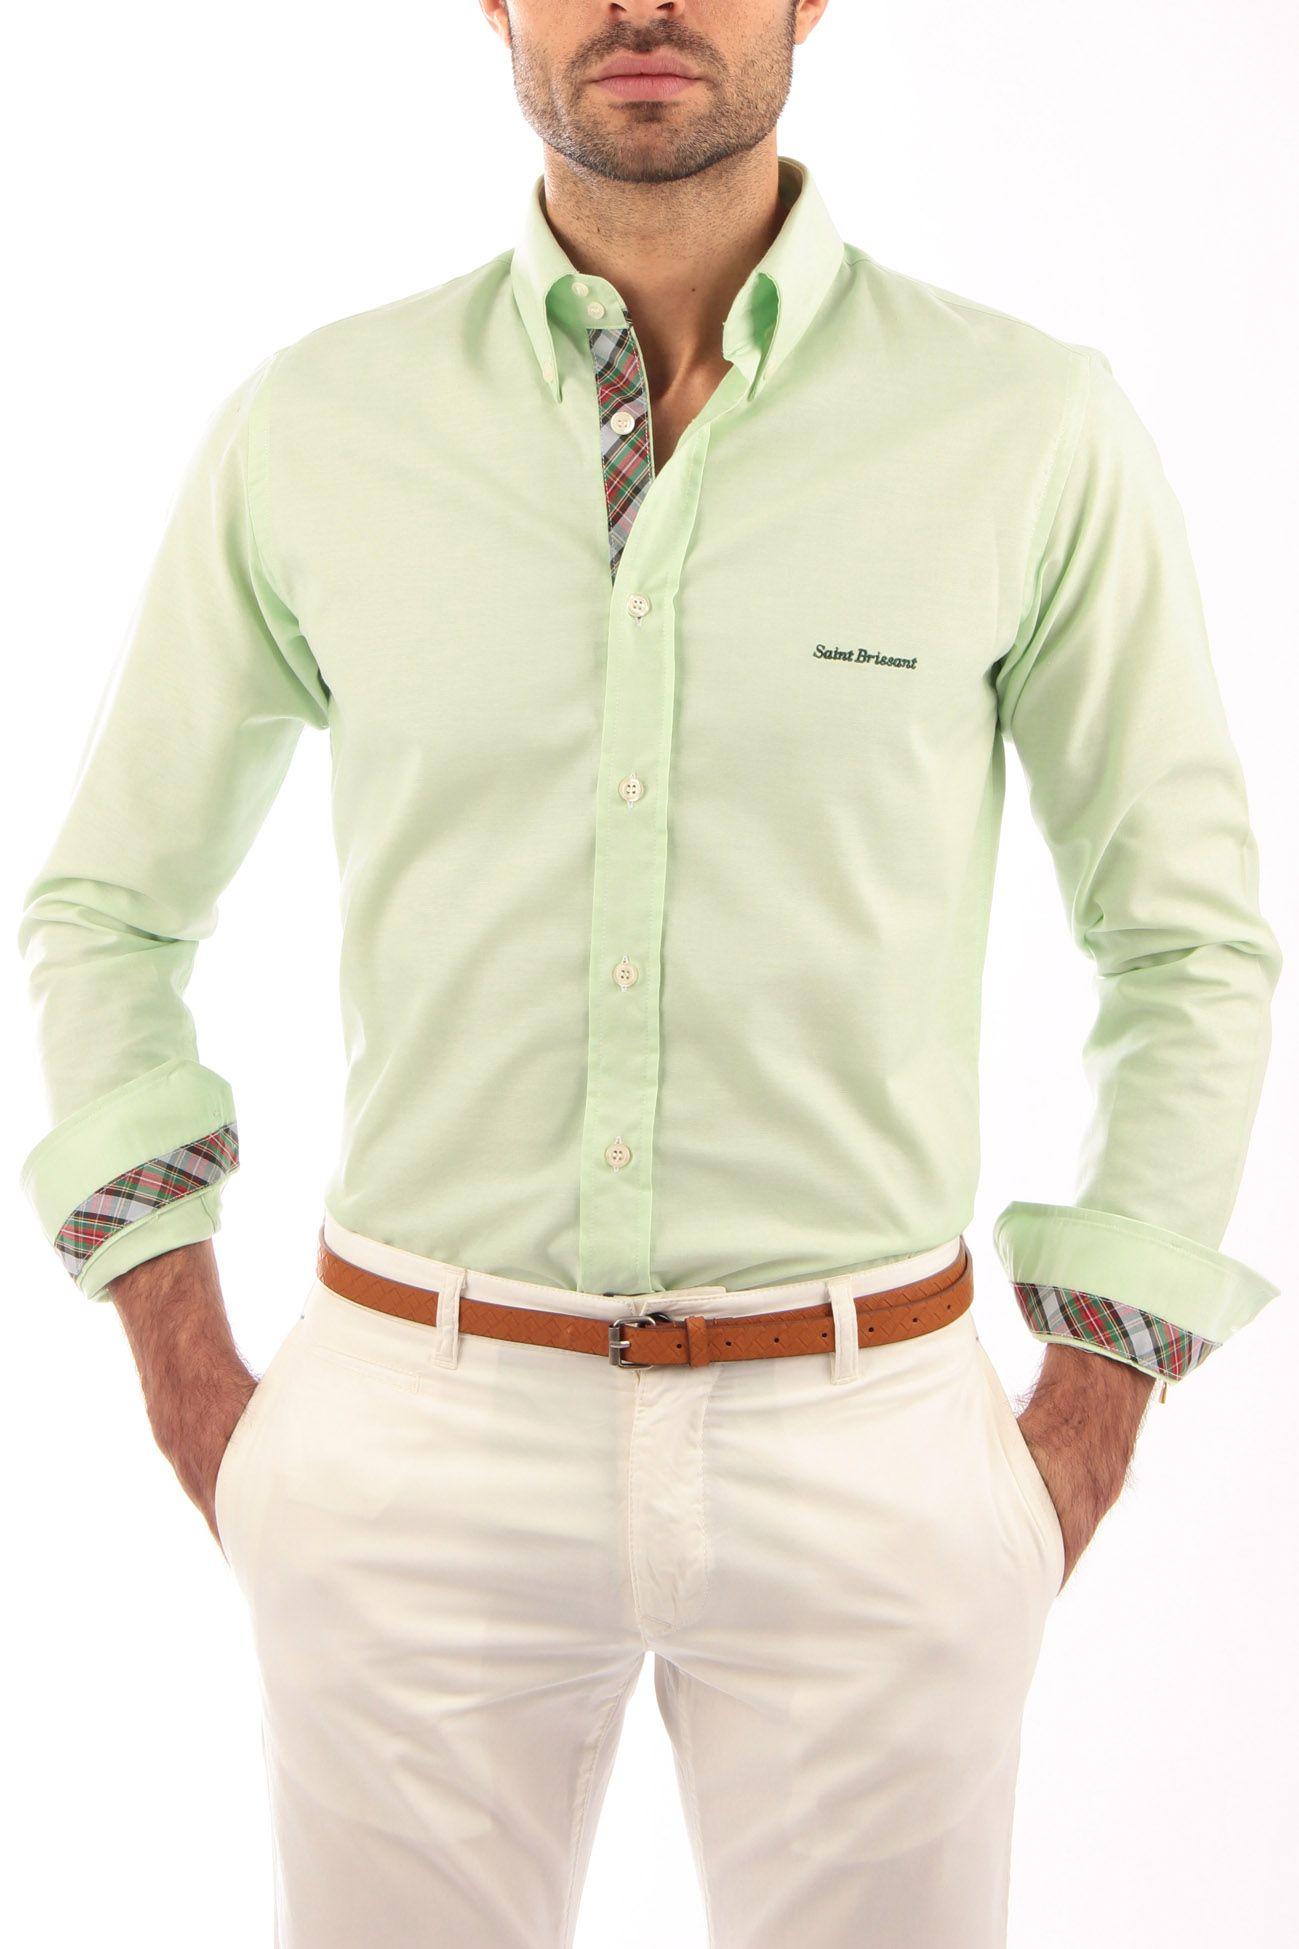 Camisa Oxford color manzana con cinta escocesa gris y verde. Producto  artesanal. Detalles de cinta escocesa en vista de botones, interior de  puños e ...